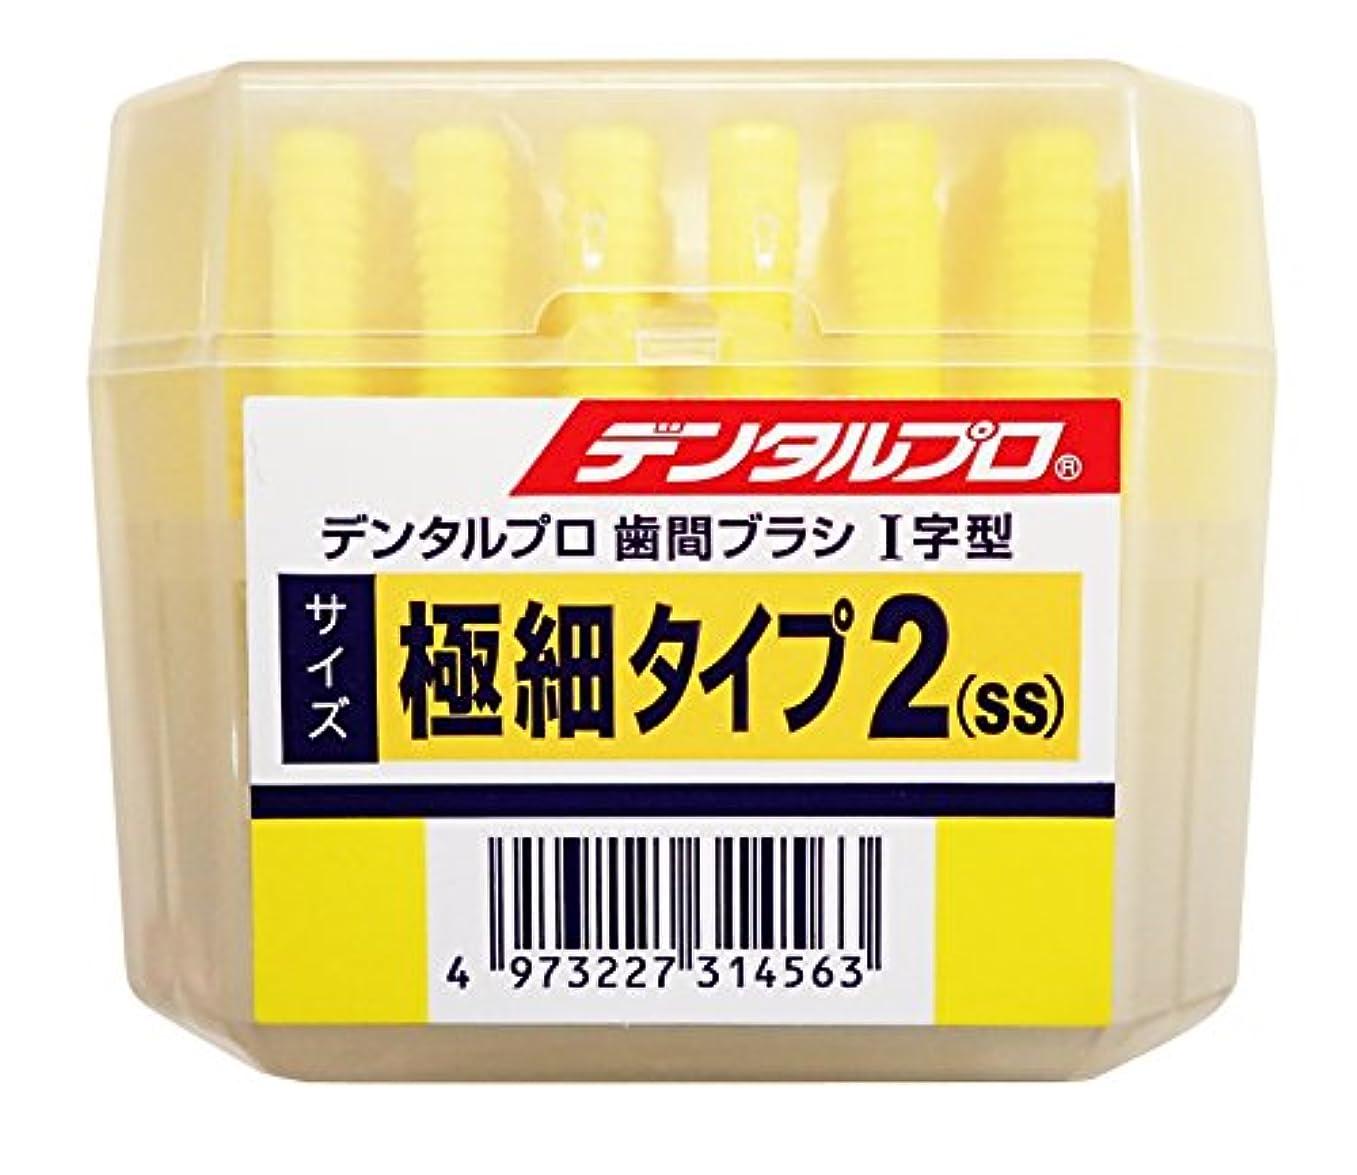 保存ストレンジャー困惑したデンタルプロ 歯間ブラシ I字型 極細タイプ サイズ2(SS) 50本入